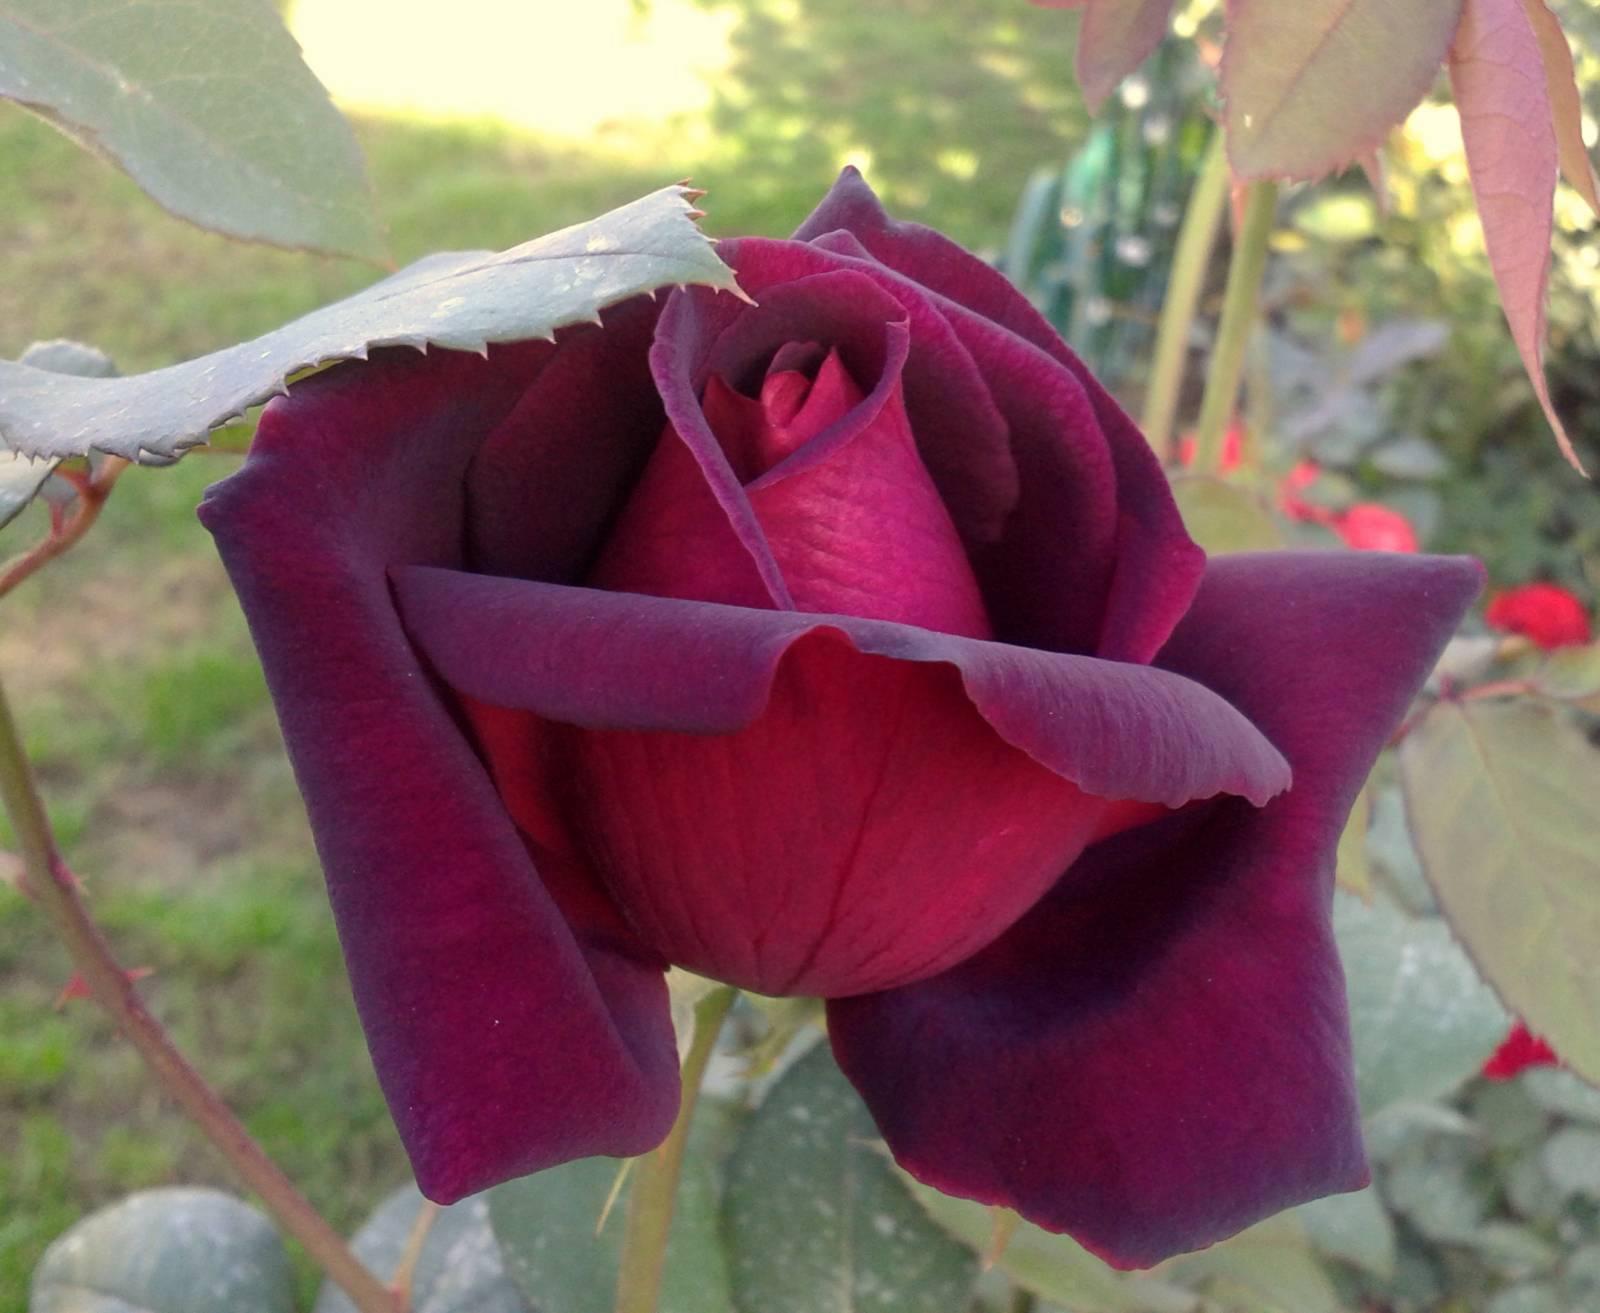 Выращивание спрей-розы файер флеш: как сажать компактный голландский кустарник